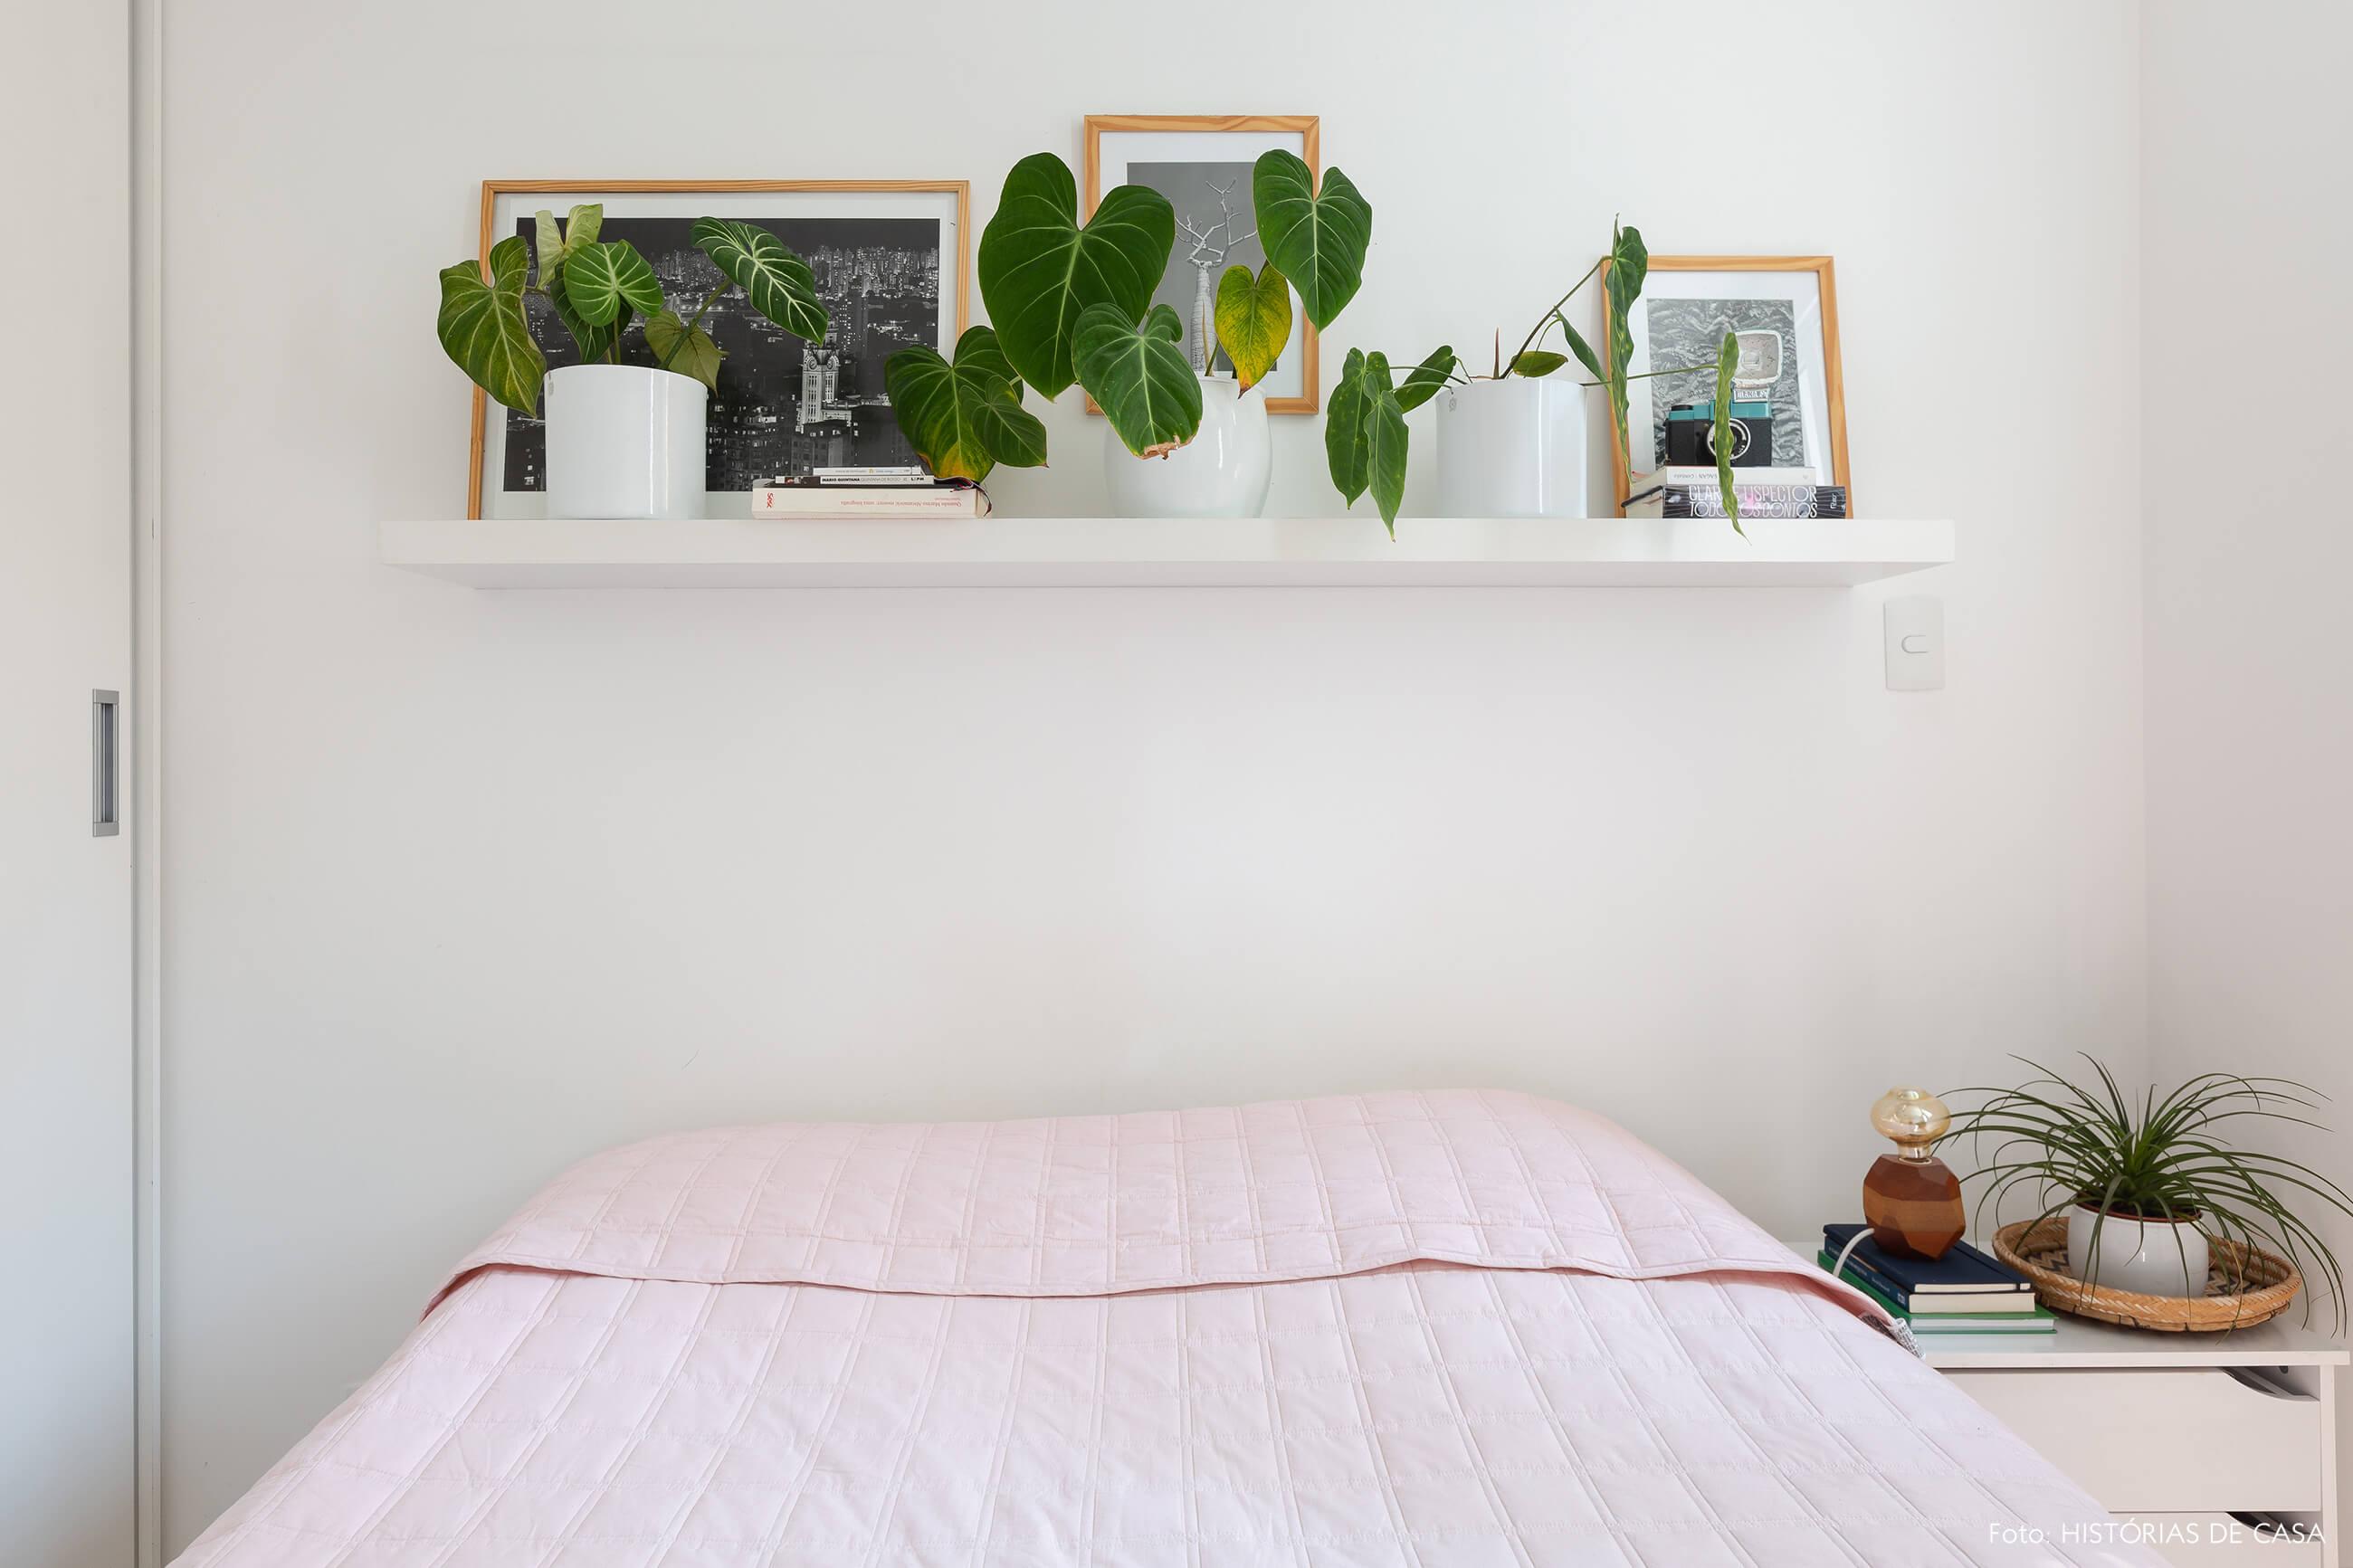 Apartamento pequeno com muitas plantas e quarto com prateleira no alto